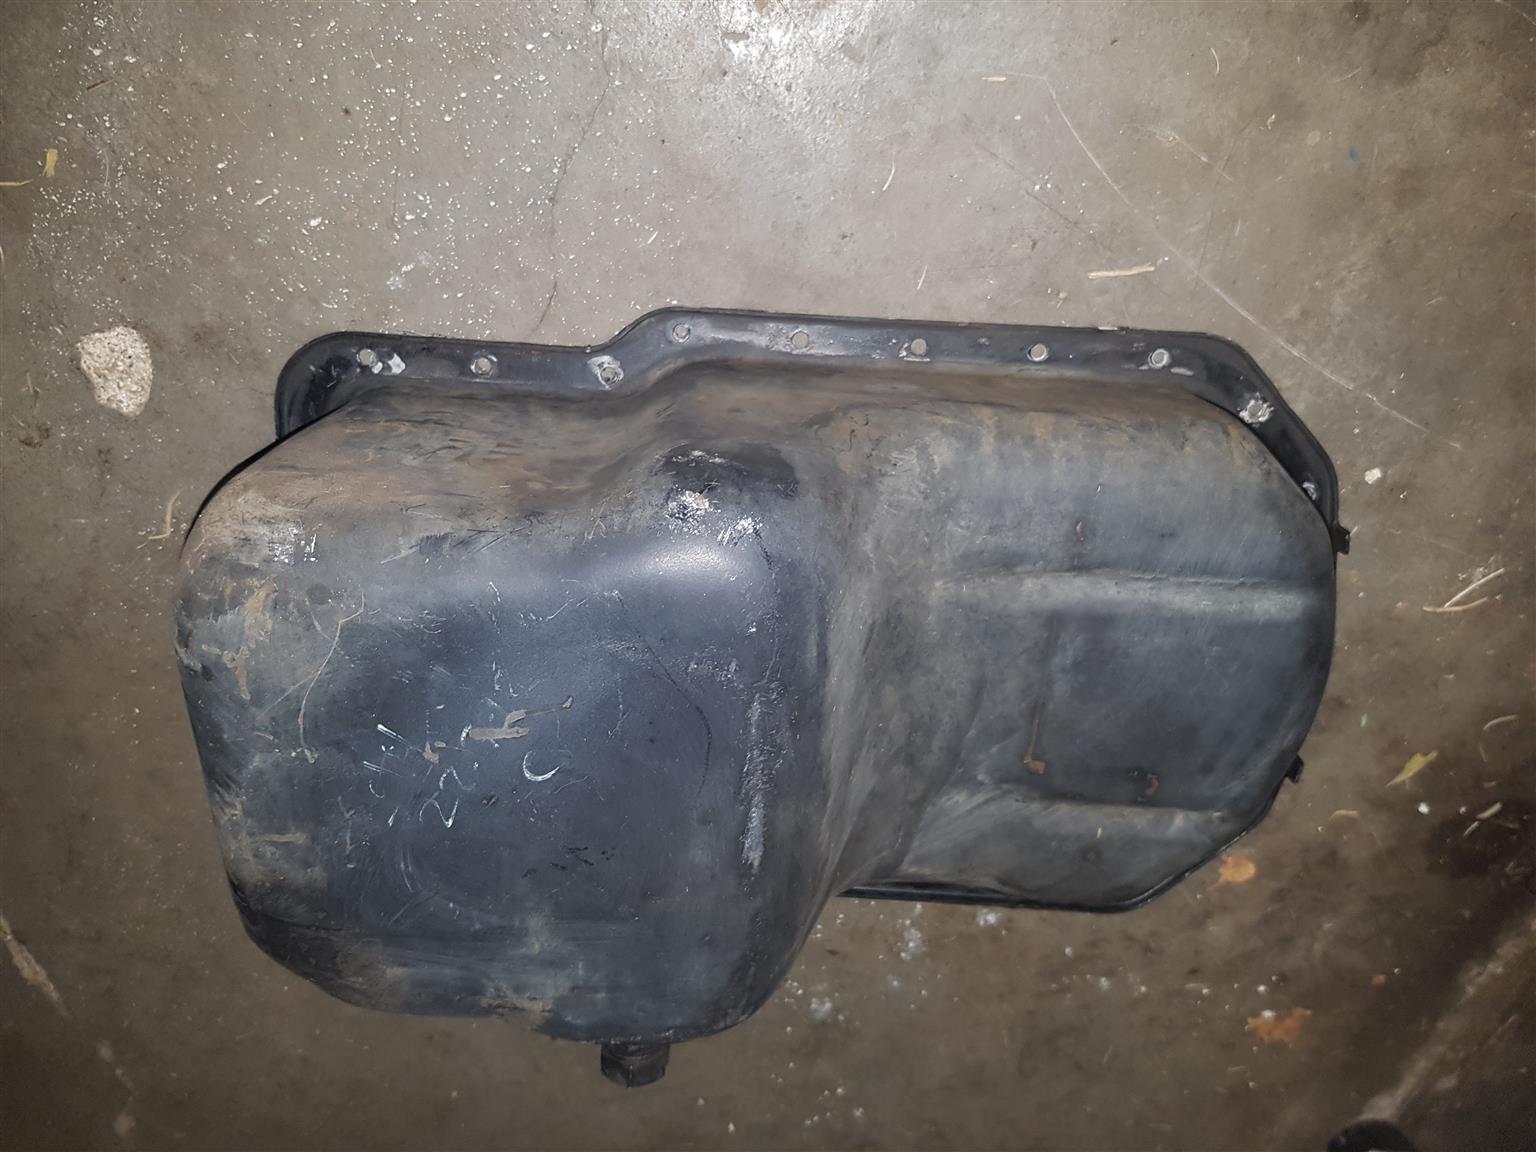 TATA XENON 2.2L Oil Sump.